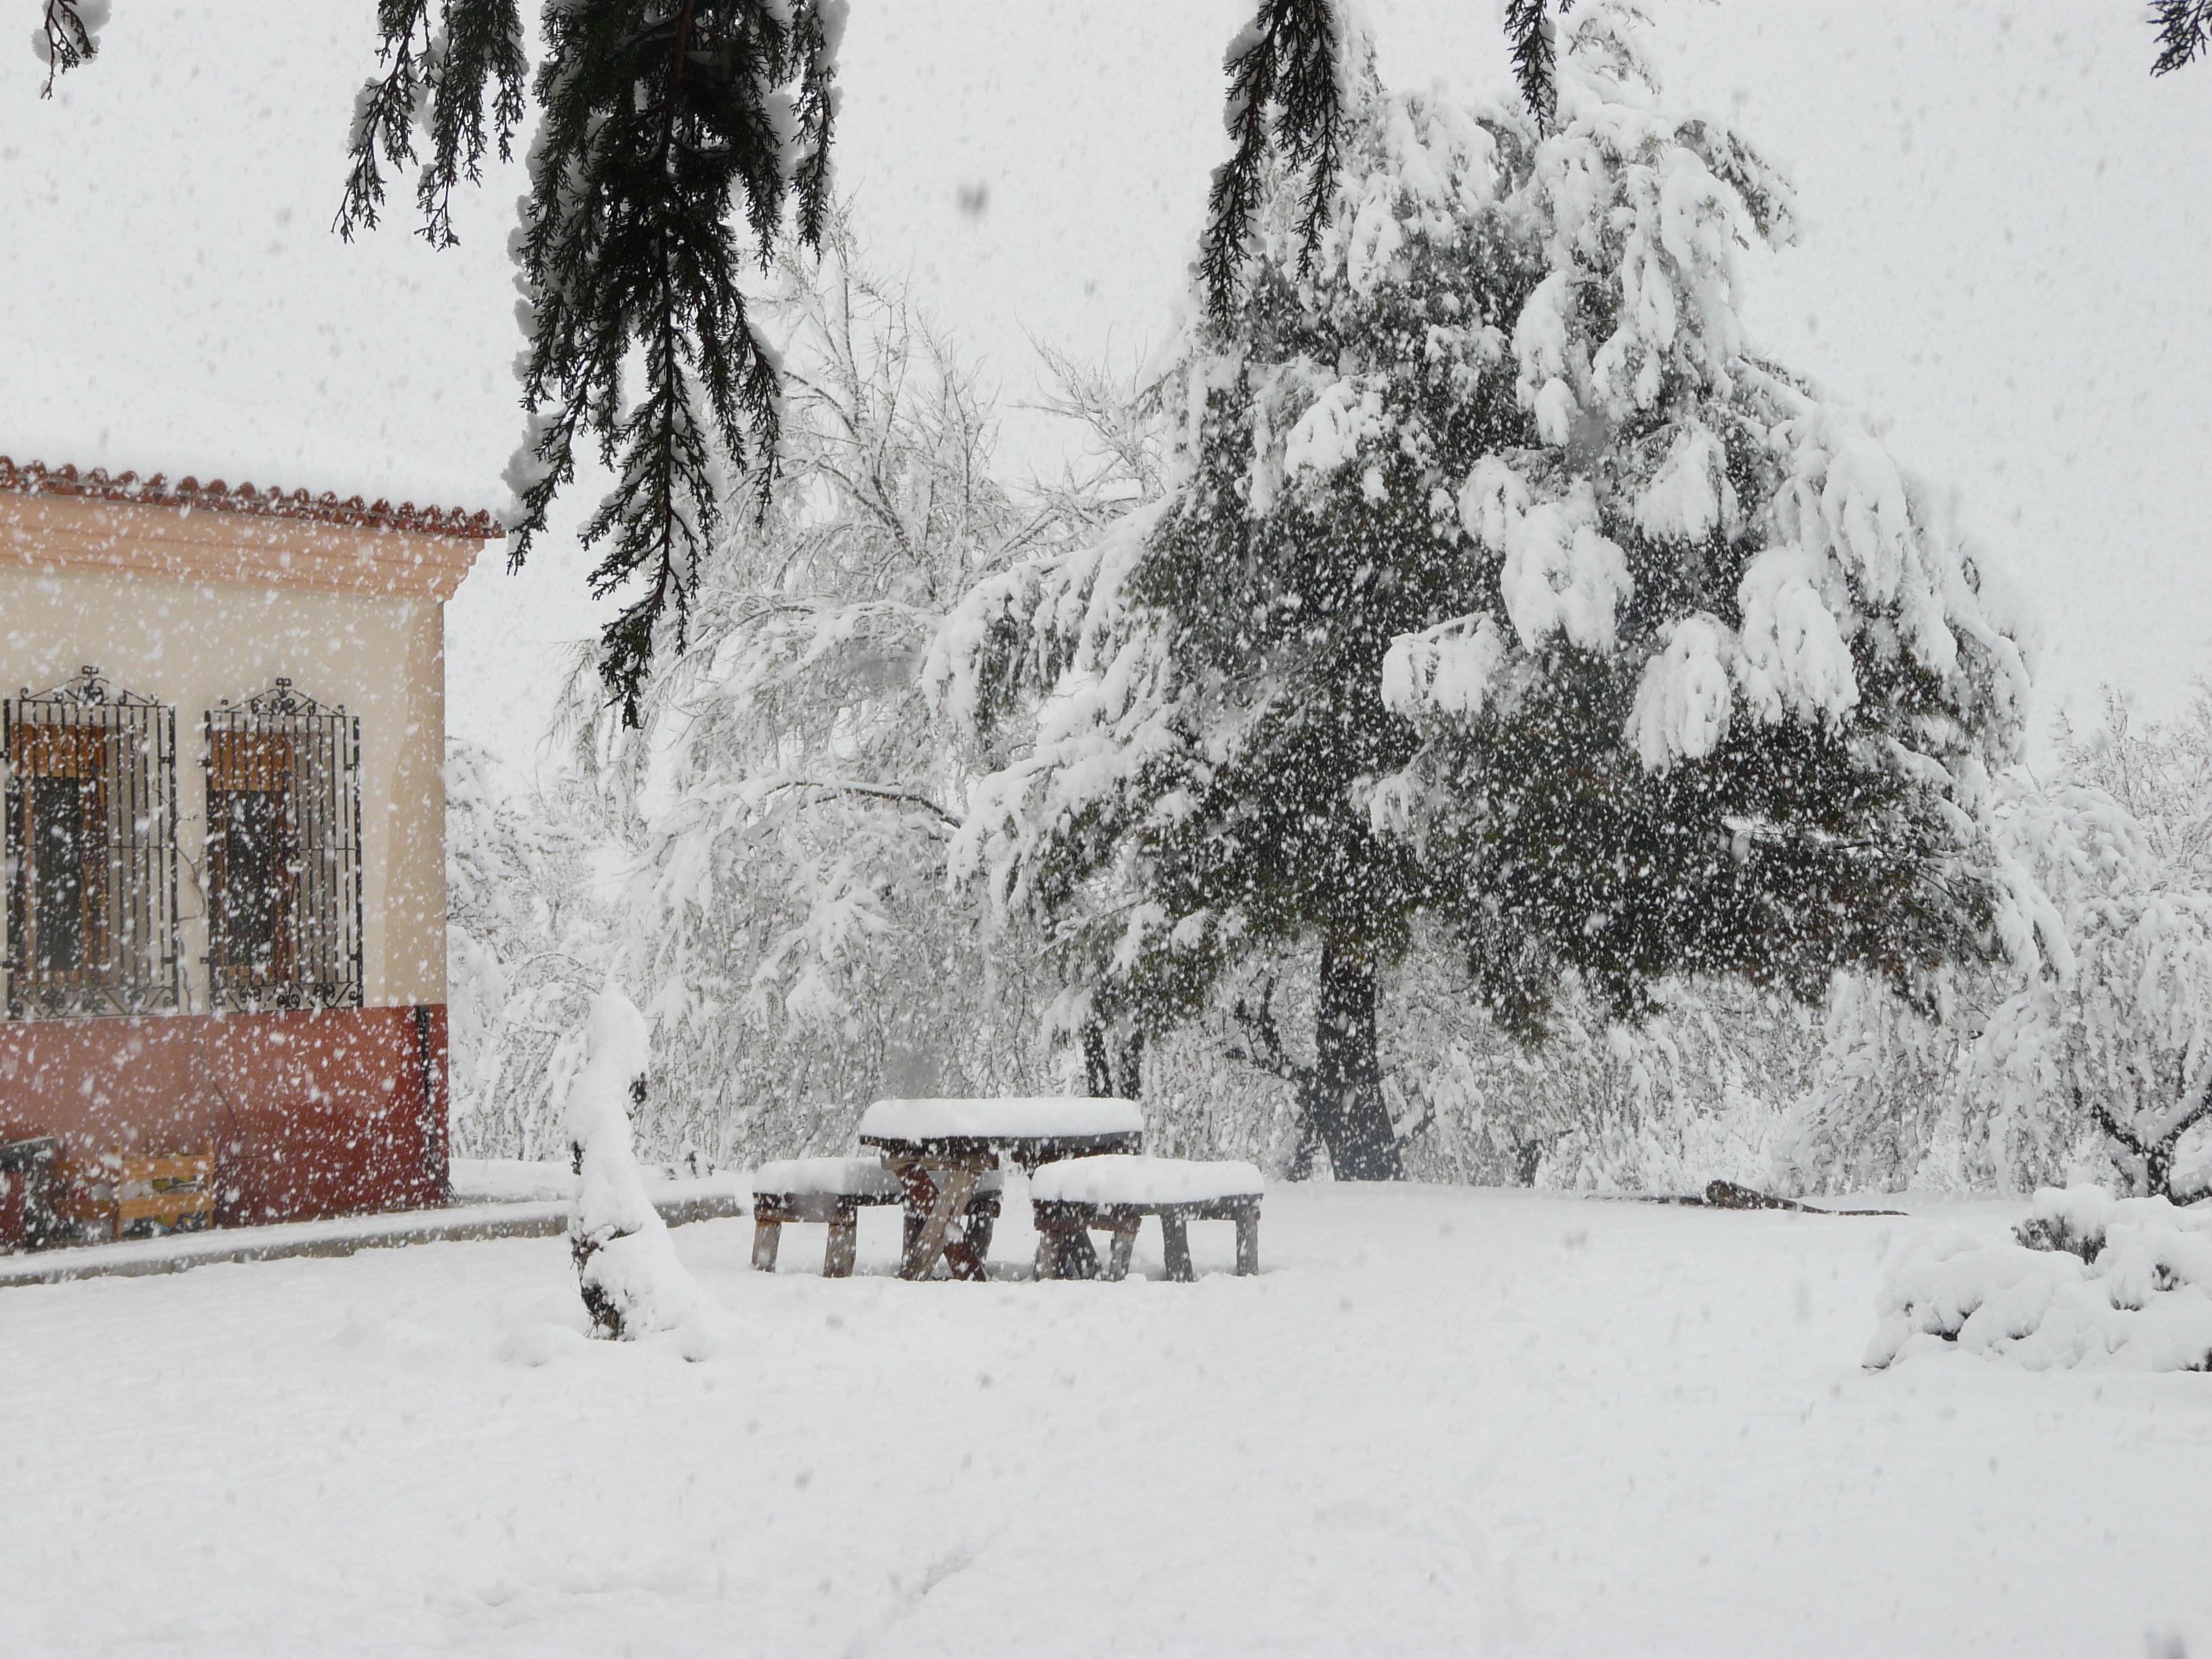 Snowy scene at Cortijo la Estrella